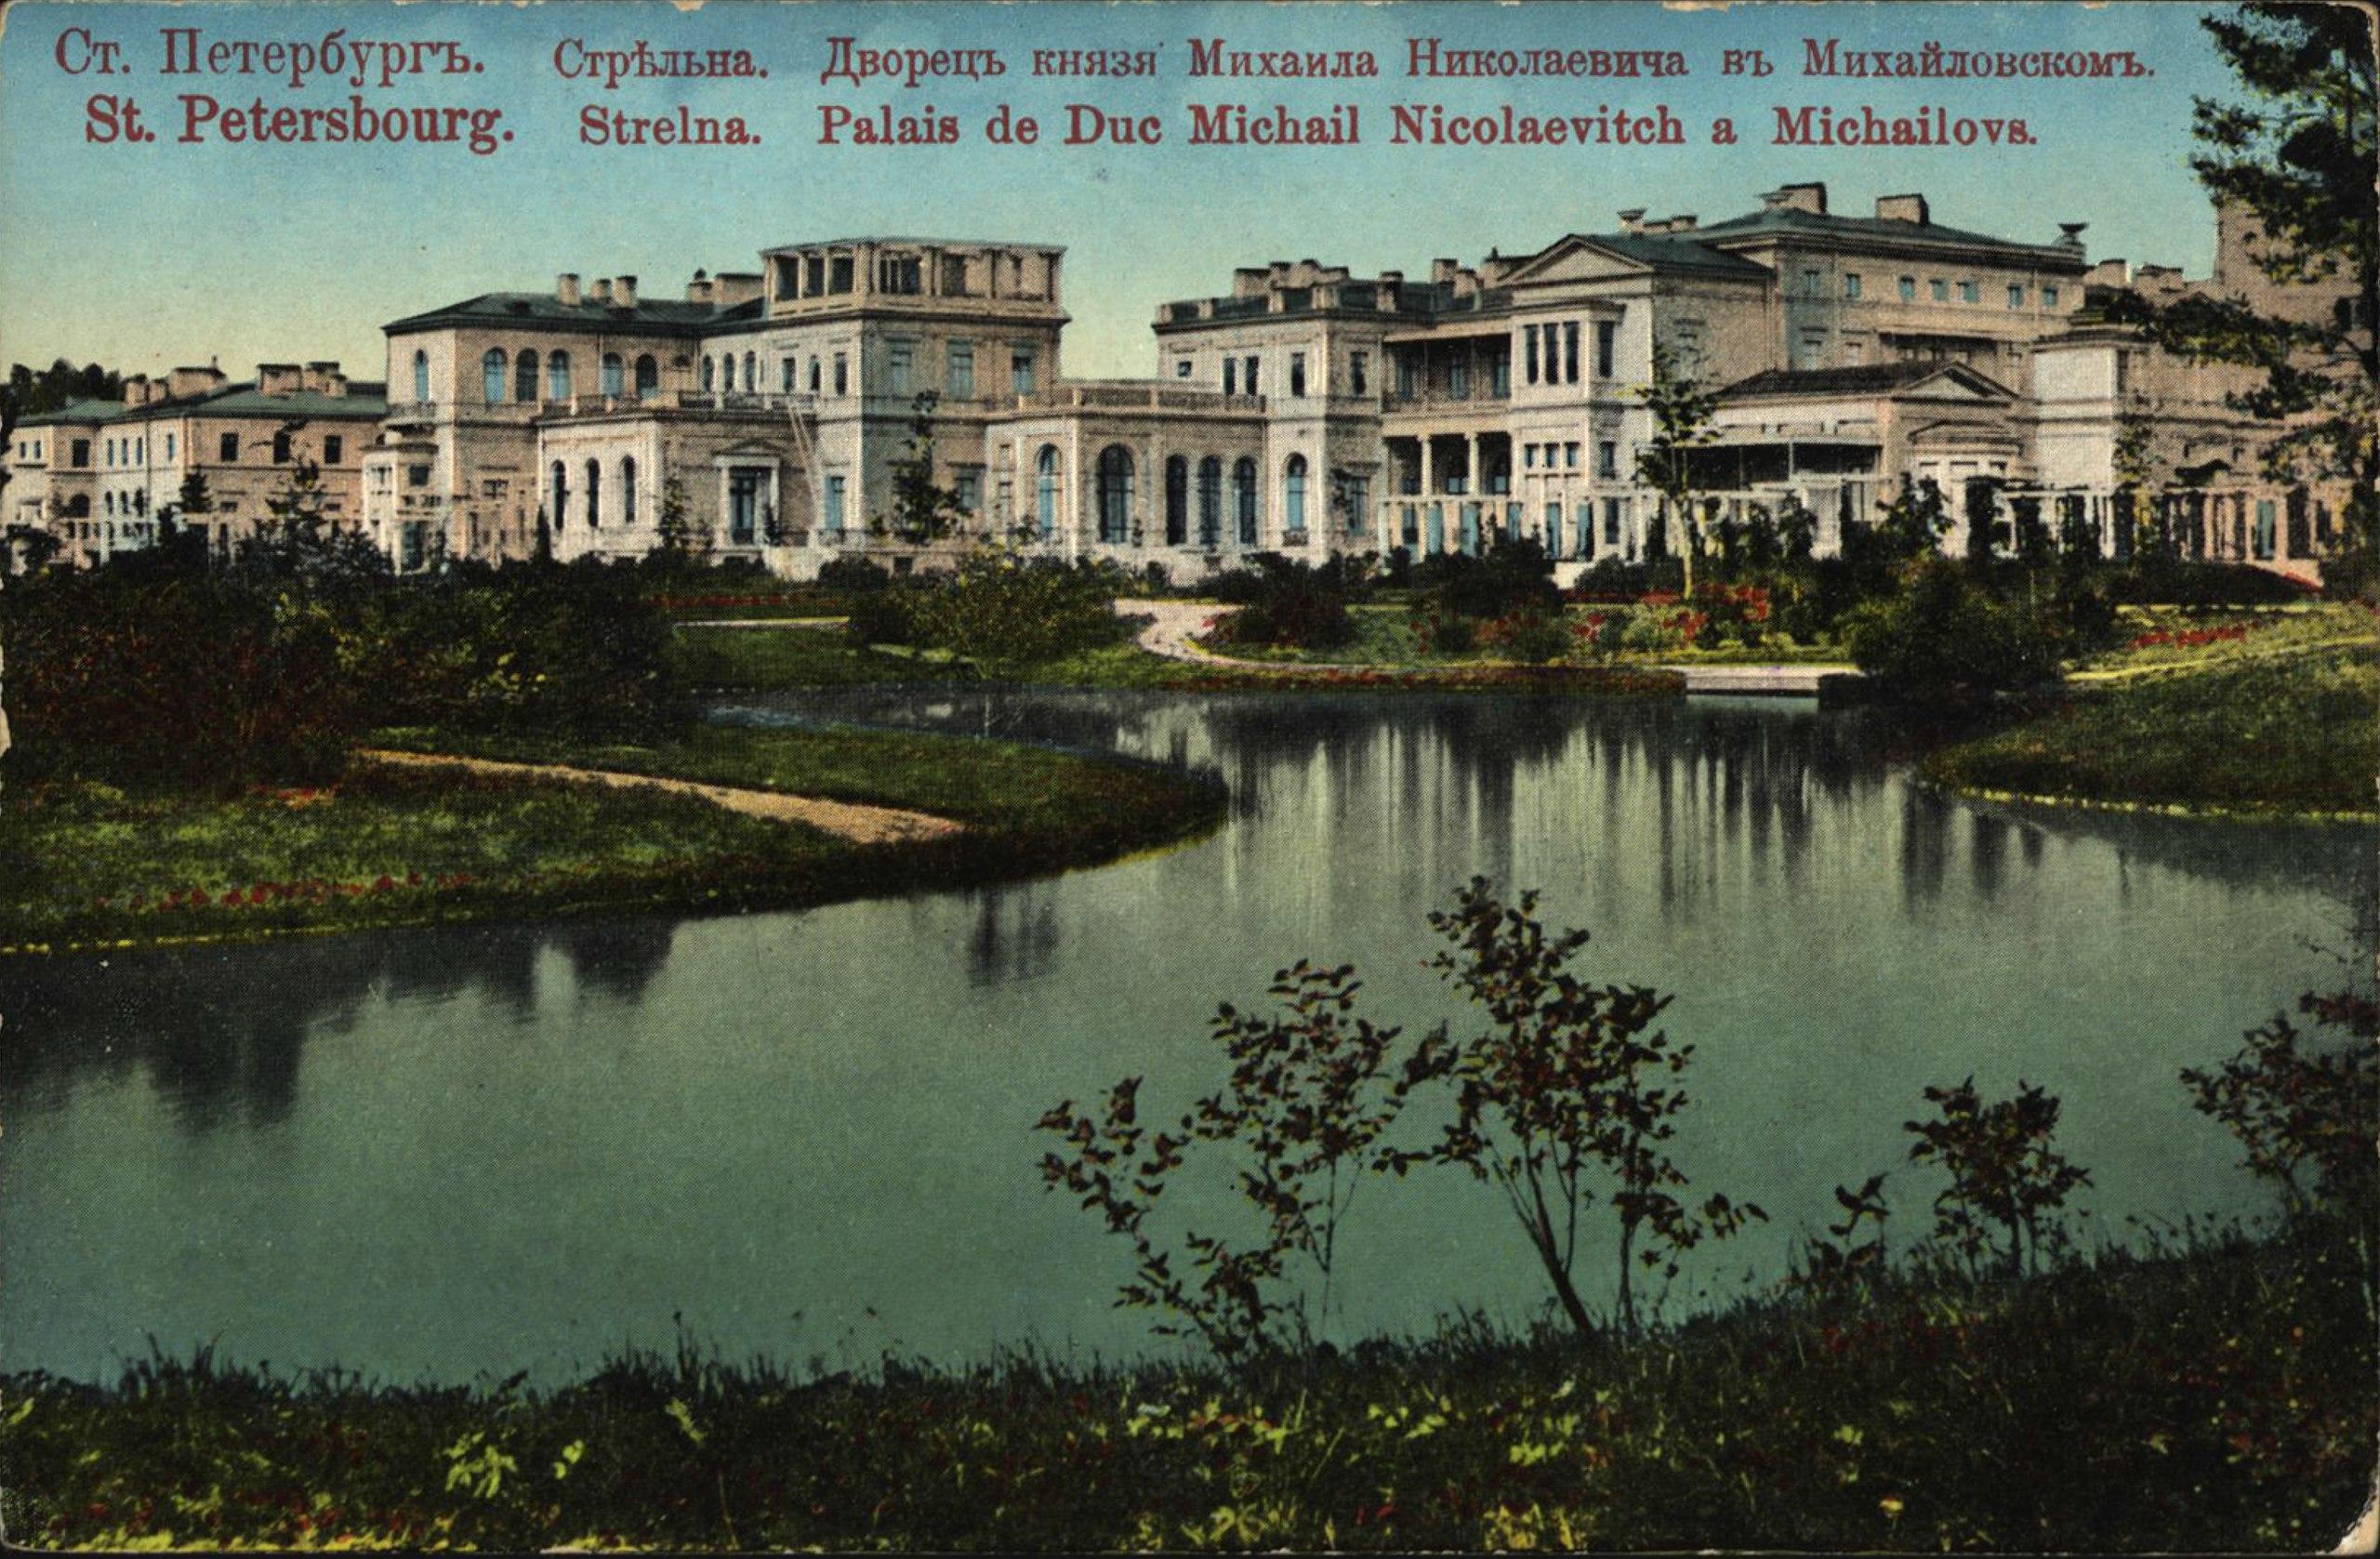 Дворец великого князя Михаила Николаевича в Михайловке. 1904-1911